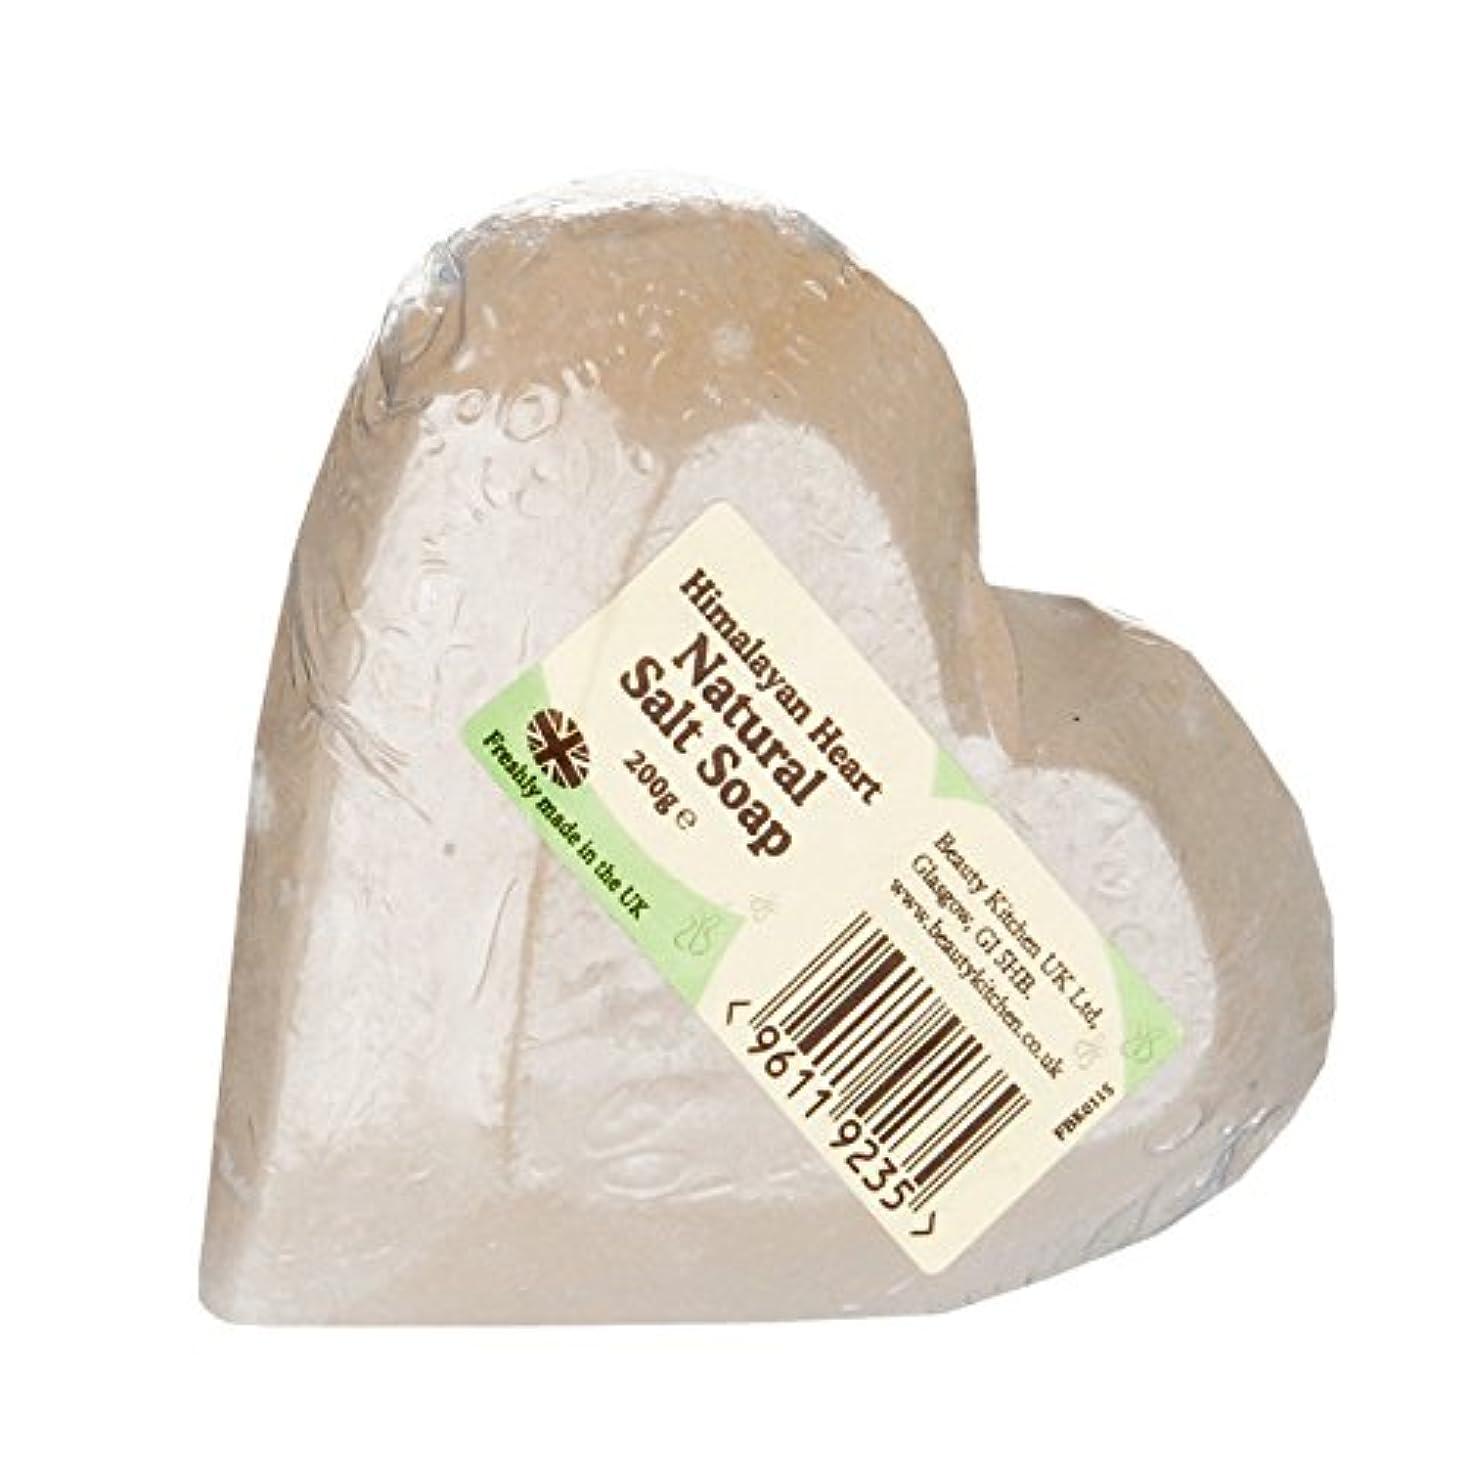 悔い改めるバスルーム日常的にBeauty Kitchen Himalayan Heart Soap 200g (Pack of 6) - 美容キッチンヒマラヤンハートソープ200グラム (x6) [並行輸入品]